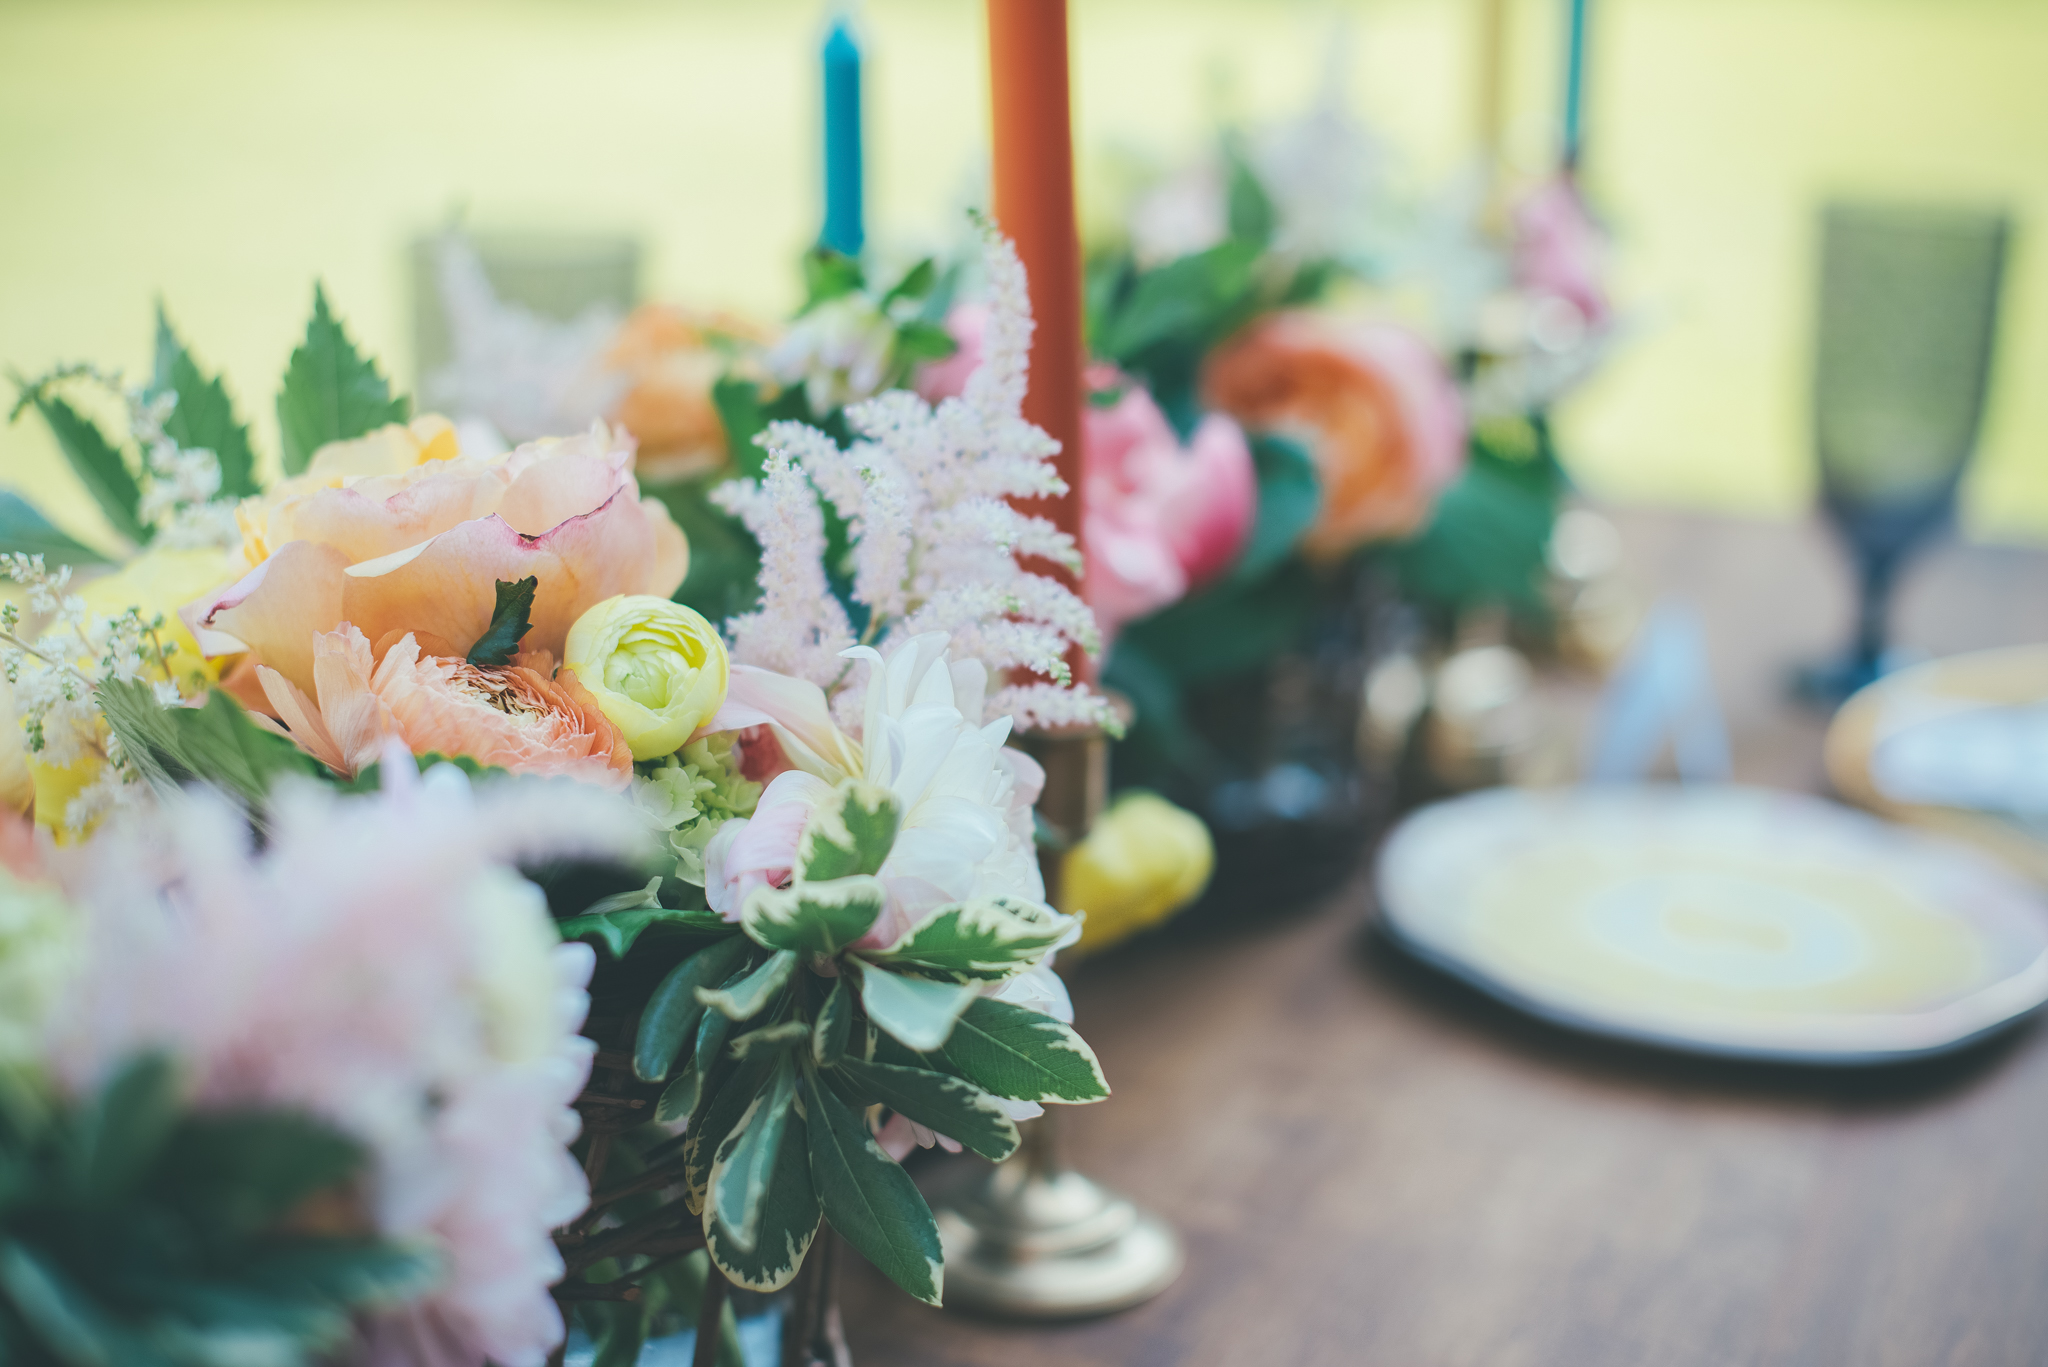 Signature club summer bridal styled photoshoot -